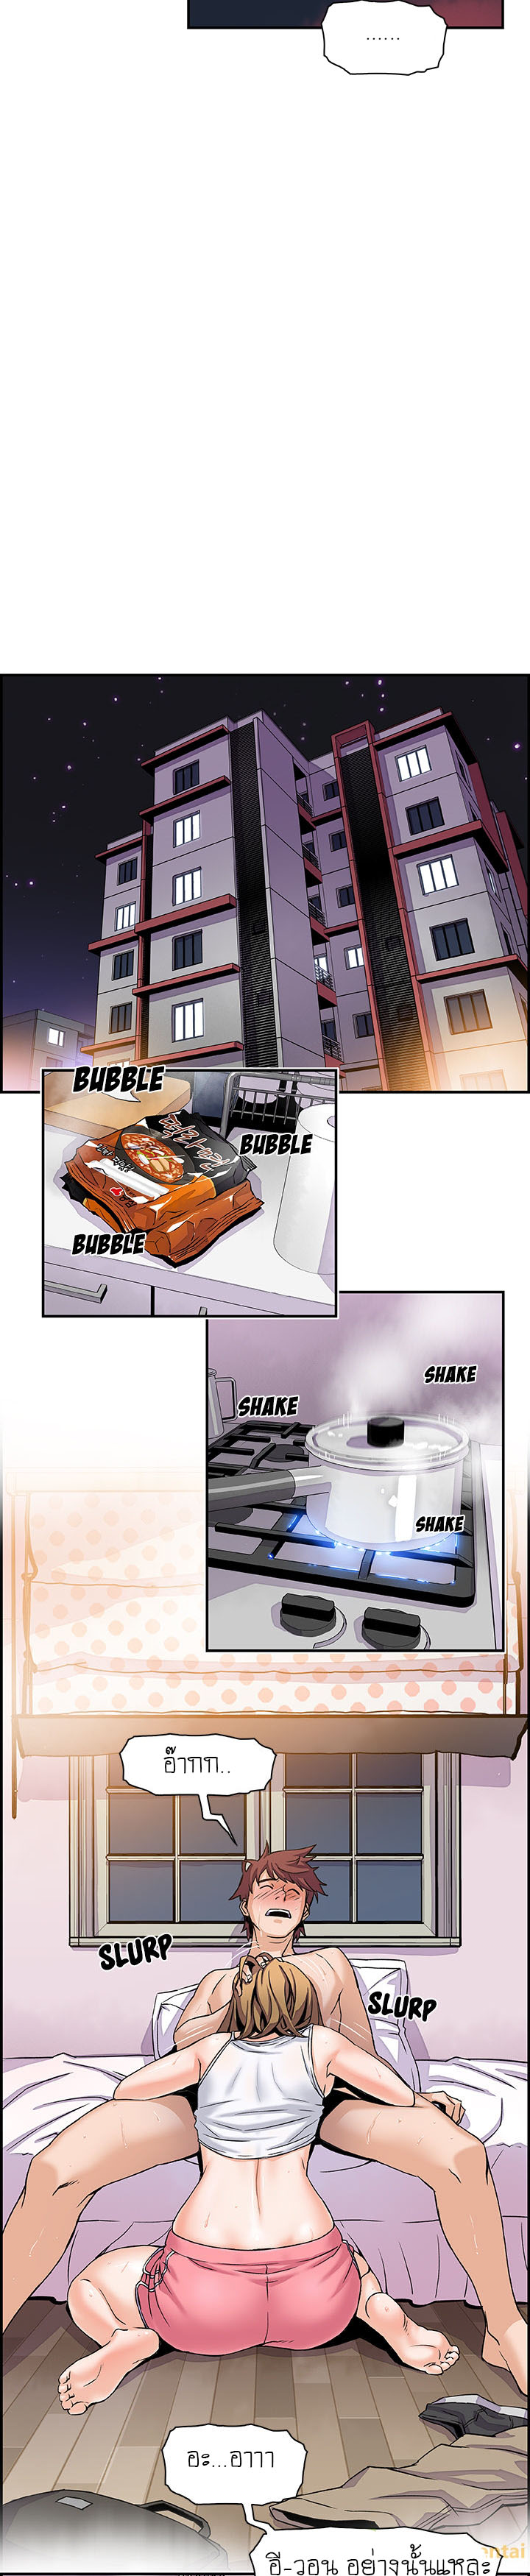 ภาวะแทรกซ้อน 3 ภาพ 13